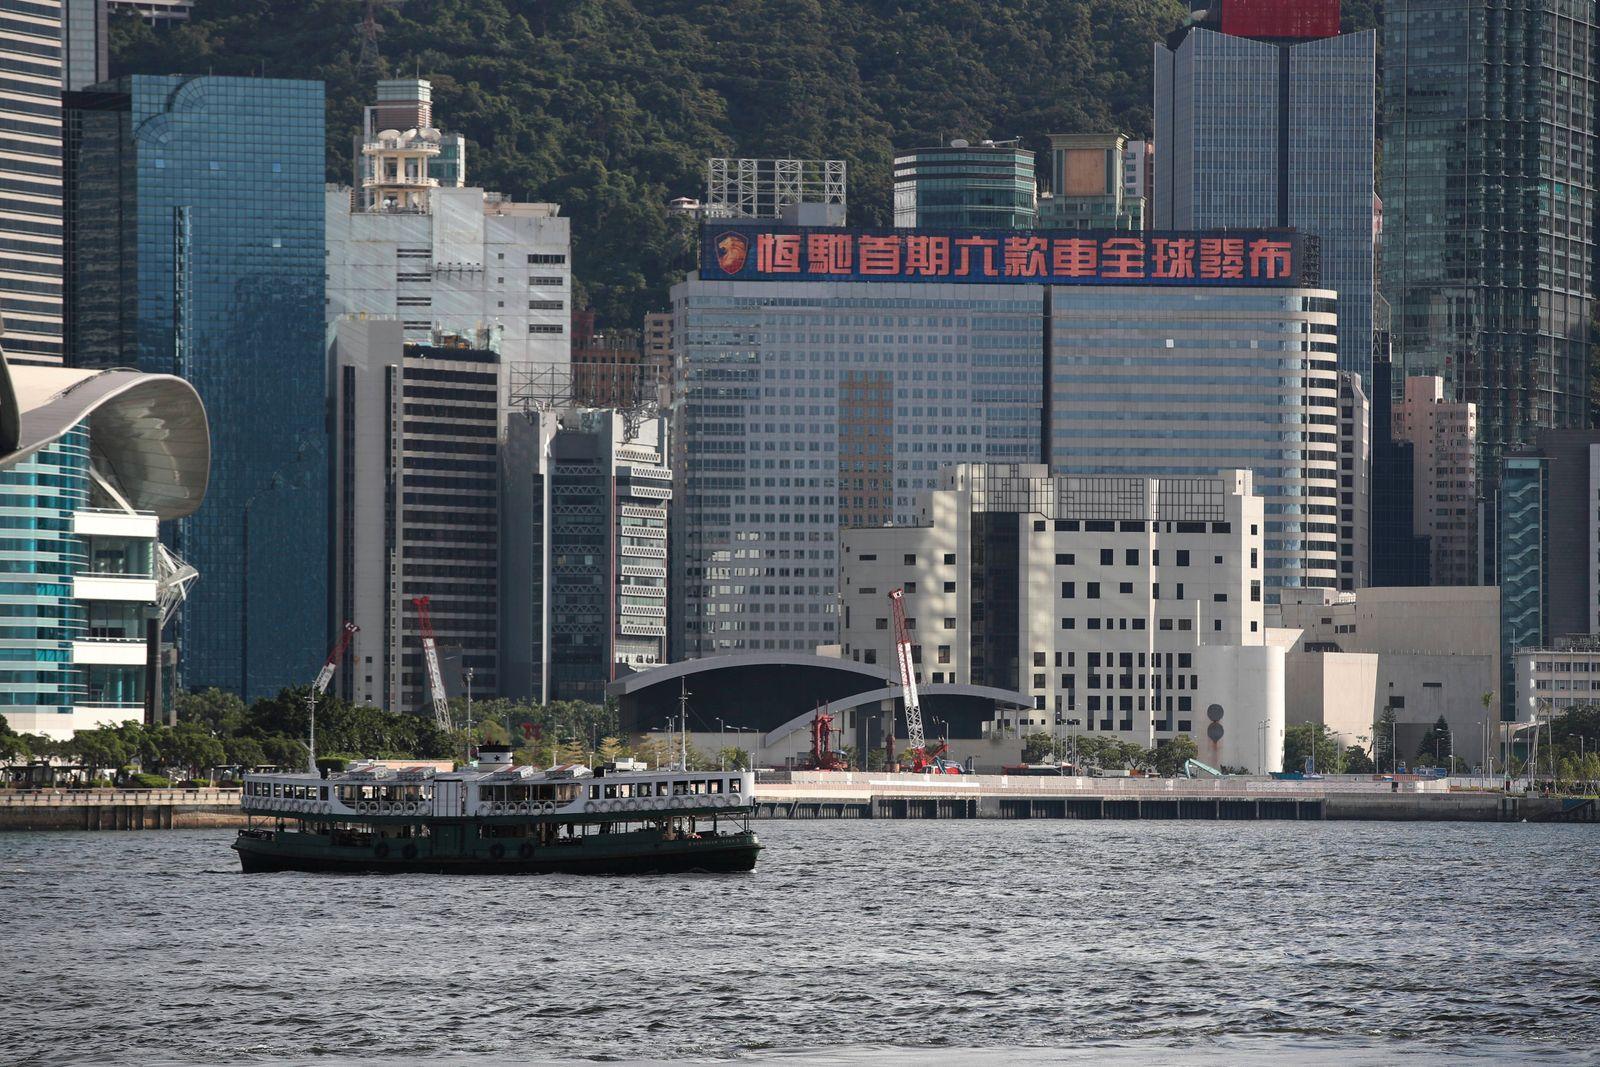 September 1, 2021, Hong Kong, China: View of China Evergrande Centre in Wan Chai. 01SEP21 SCMP / Hong Kong China - ZUMAs